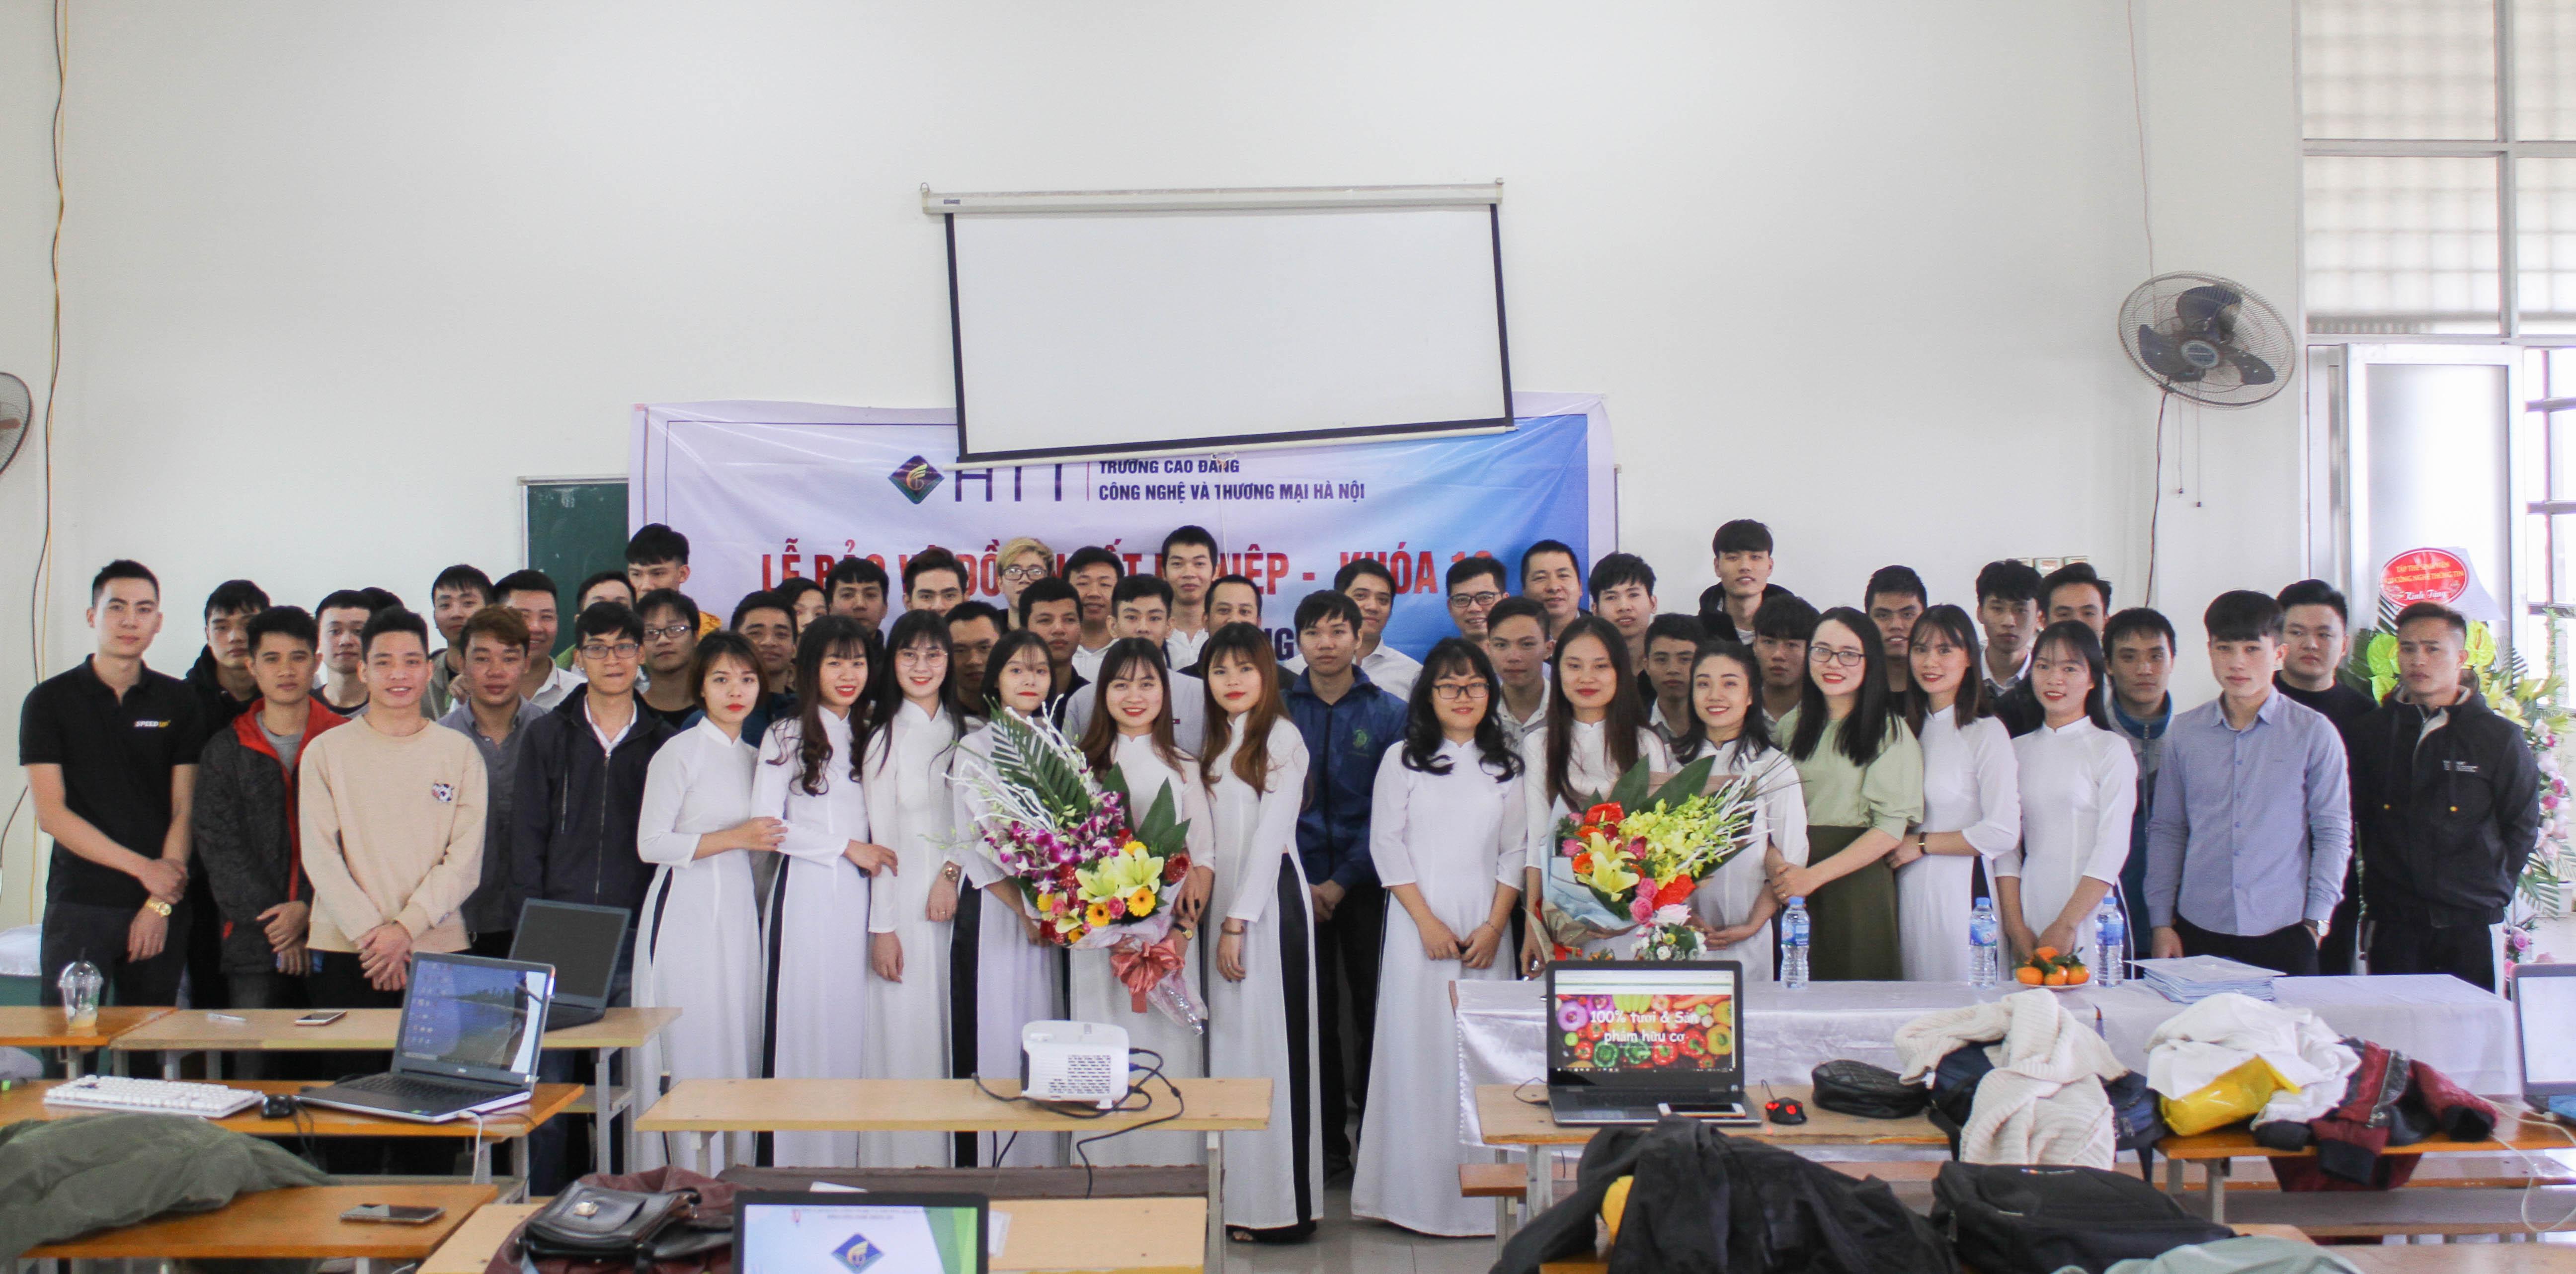 Lễ bảo vệ đồ án tốt nghiệp Khoa Công nghệ thông tin - Khóa 10